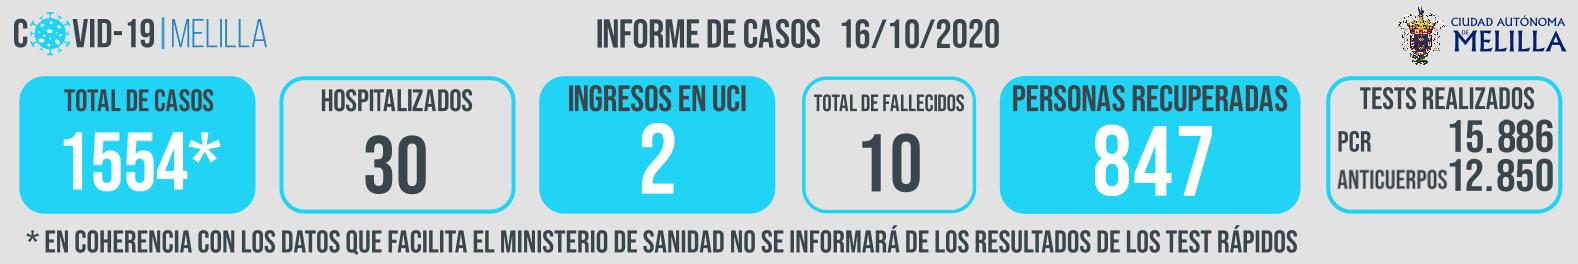 INFORME-CASOS-COVID_161020